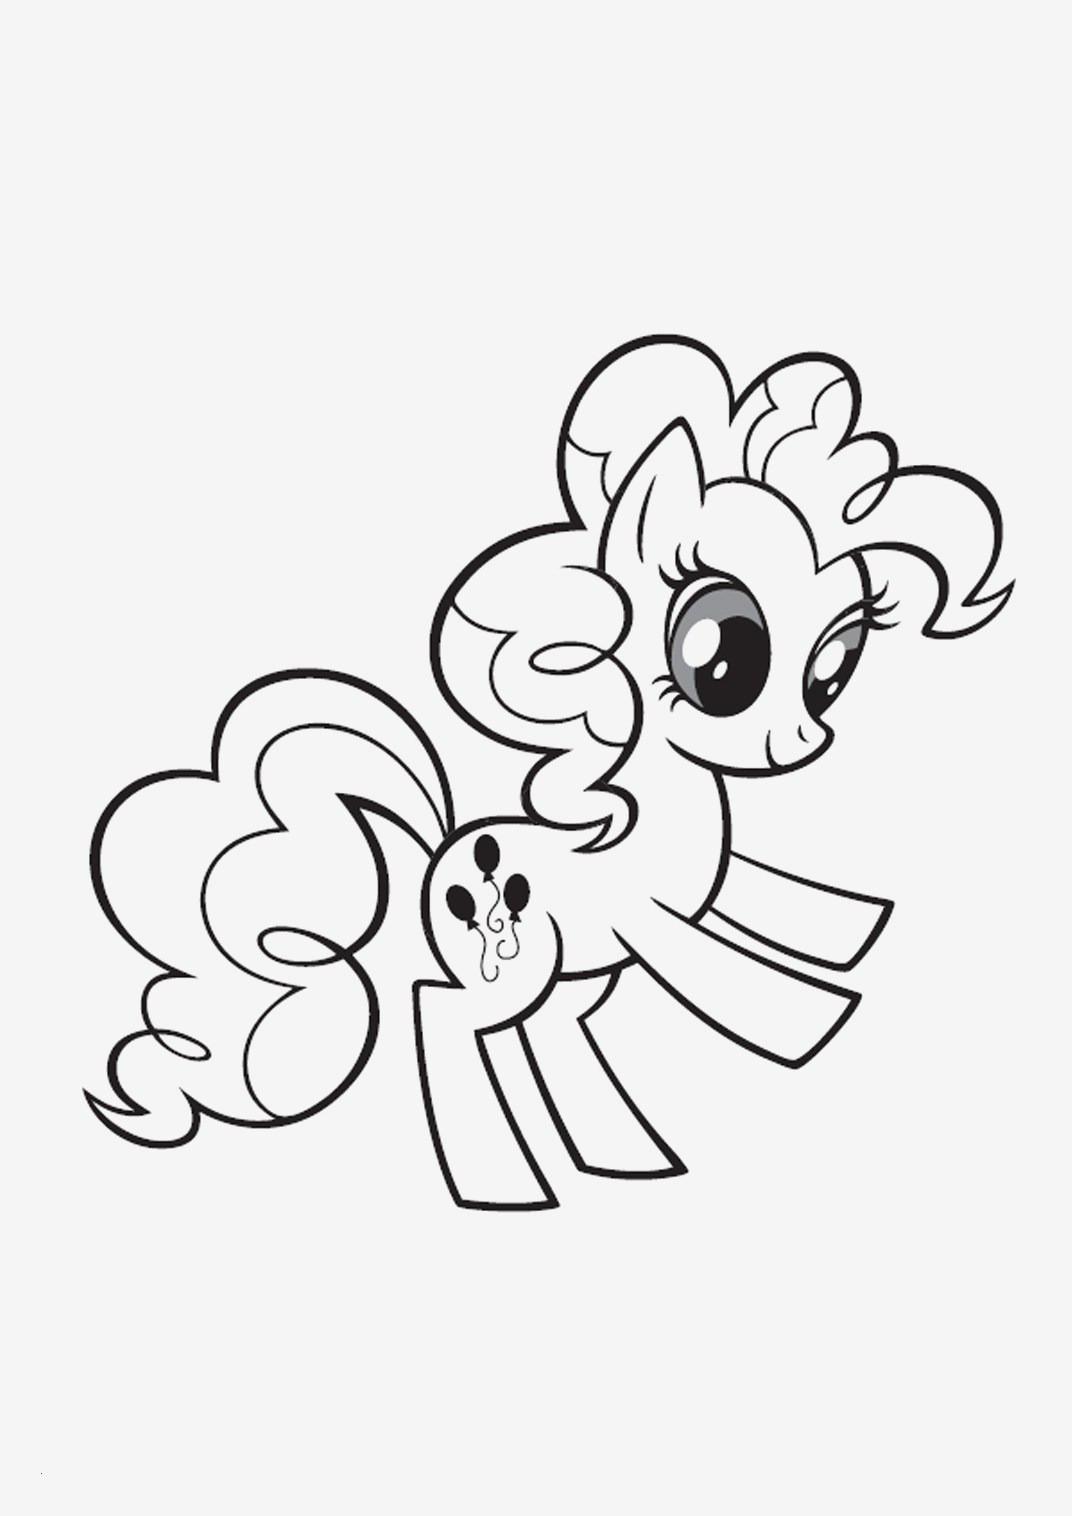 Pokemon Ausmalbilder sonne Und Mond Das Beste Von 40 My Little Pony Friendship is Magic Ausmalbilder Scoredatscore Fotografieren